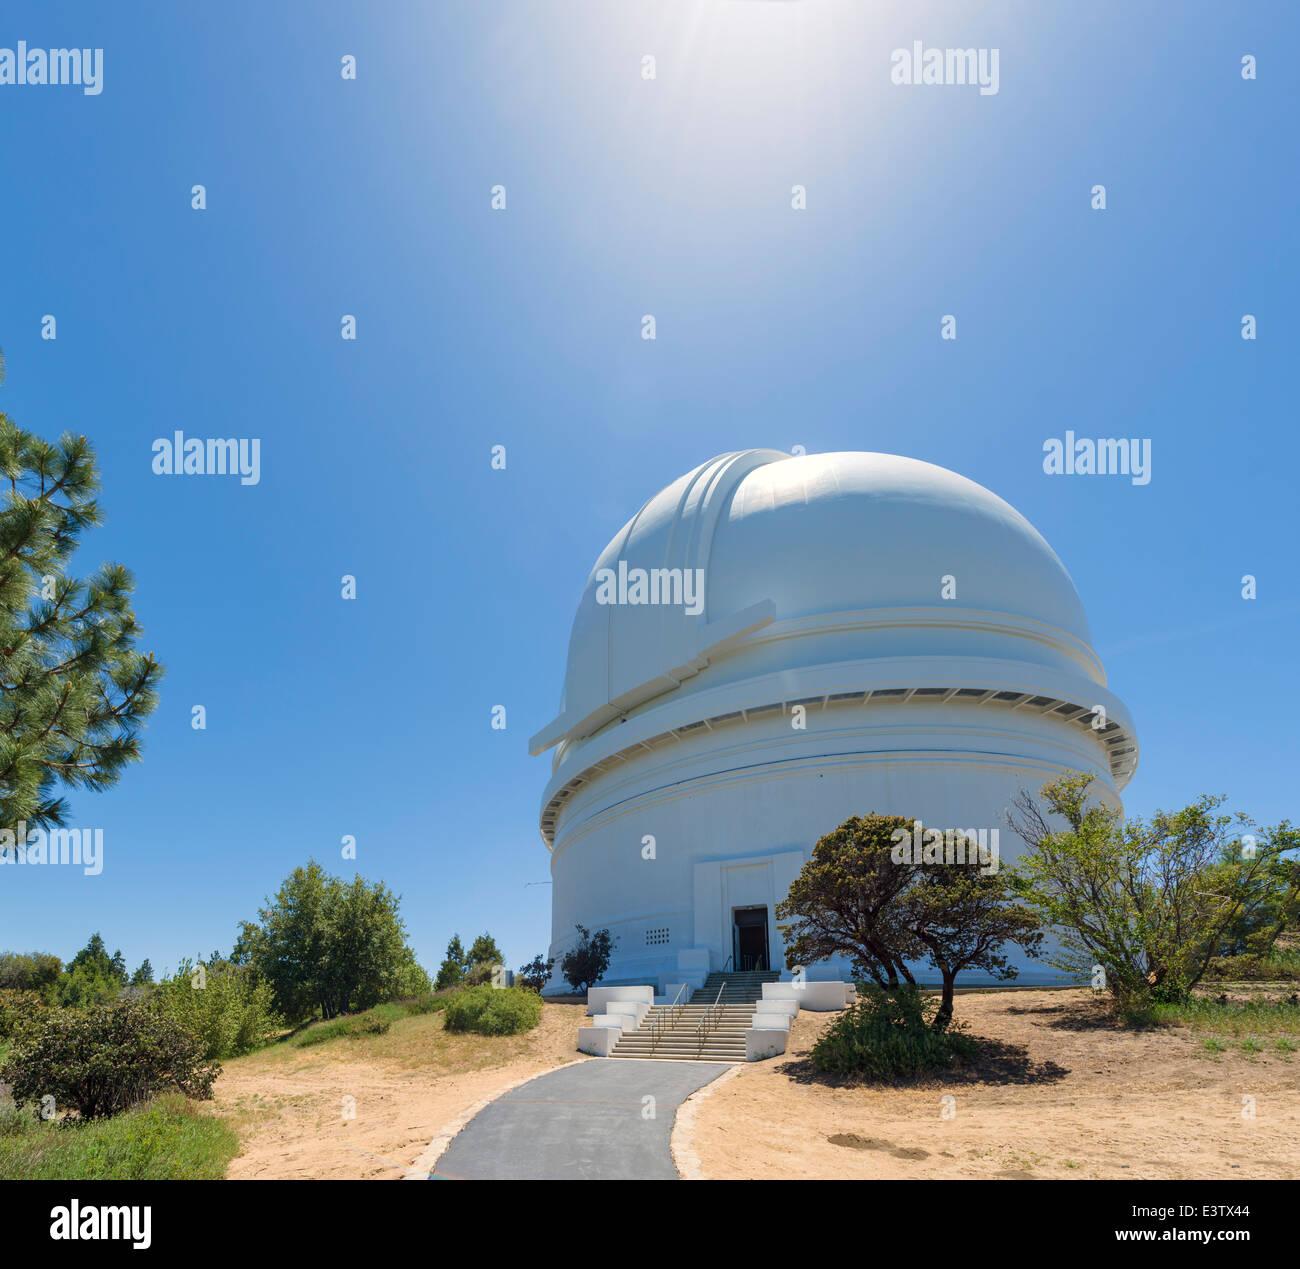 La cupola della 200 pollici telescopio Hale presso l'Osservatorio Palomar, della Contea di San Diego, California, Immagini Stock